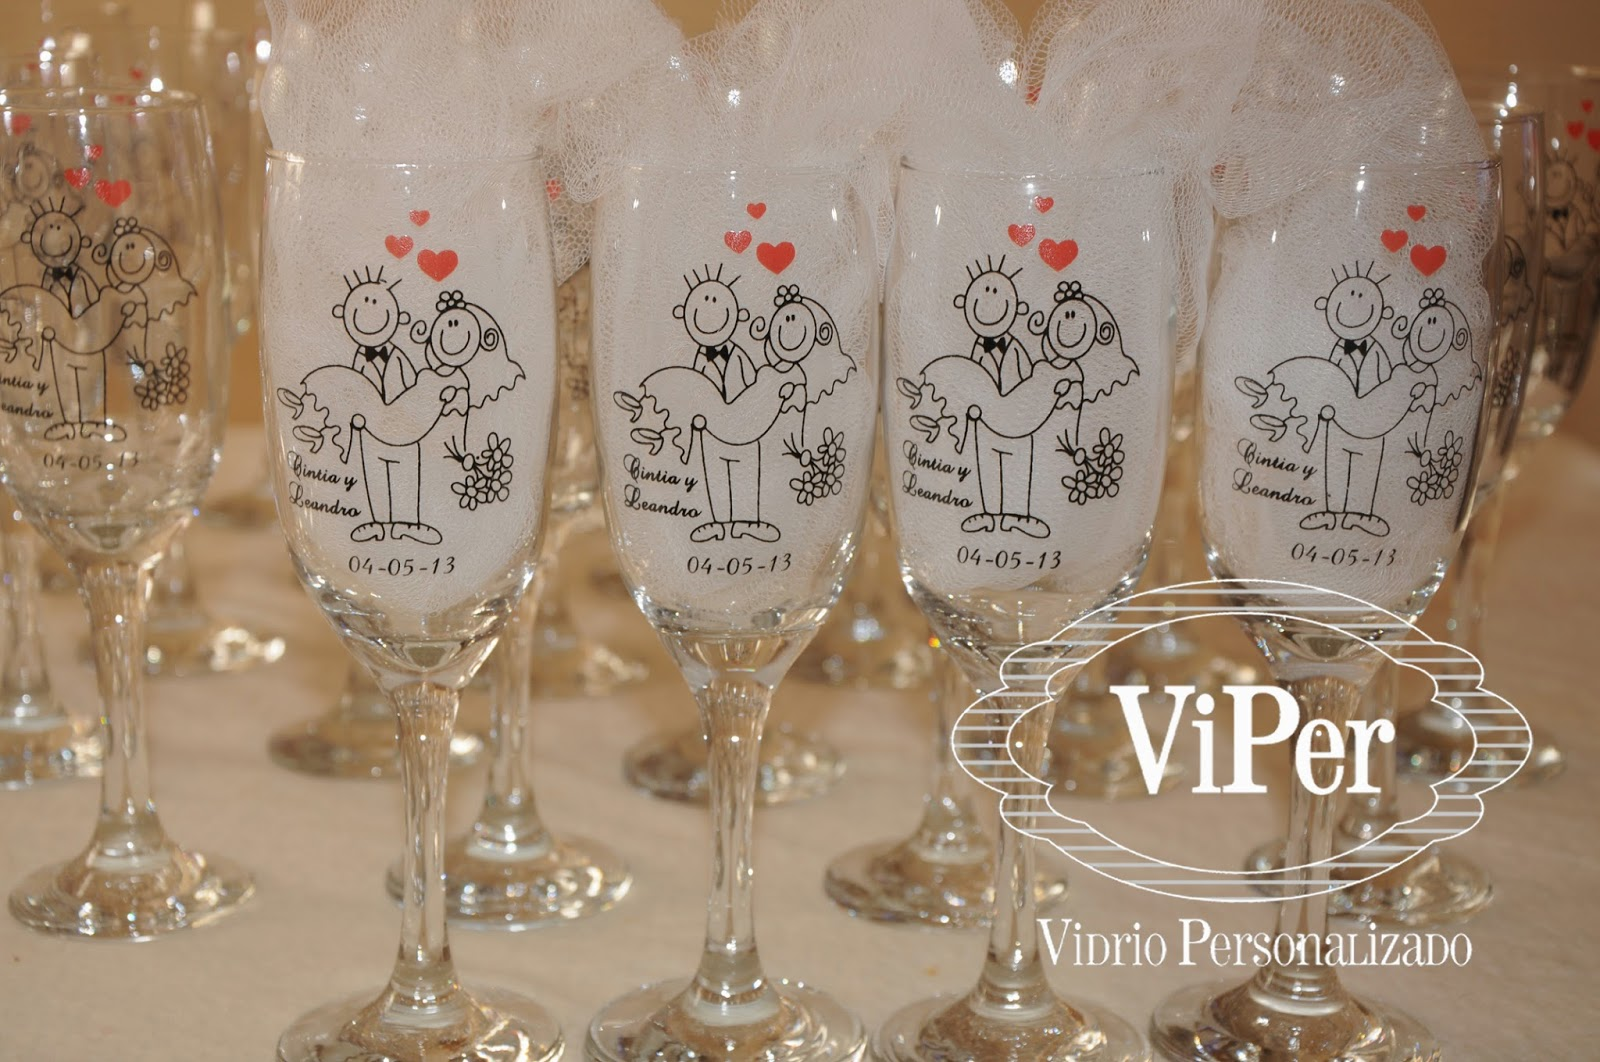 vidrio personalizado y decorado vasos originales copas de vidrio champagne agua ideal. Black Bedroom Furniture Sets. Home Design Ideas